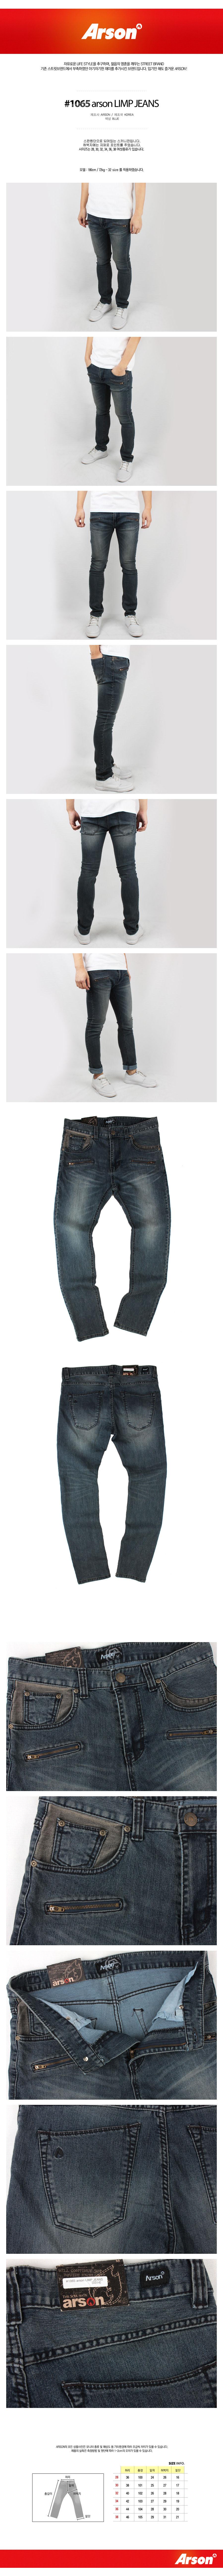 [ ARSON ] [Arson] ARSON GENUINE/1065 LIMP JEANS/men\'s jeans/jeans/ARSON jeans